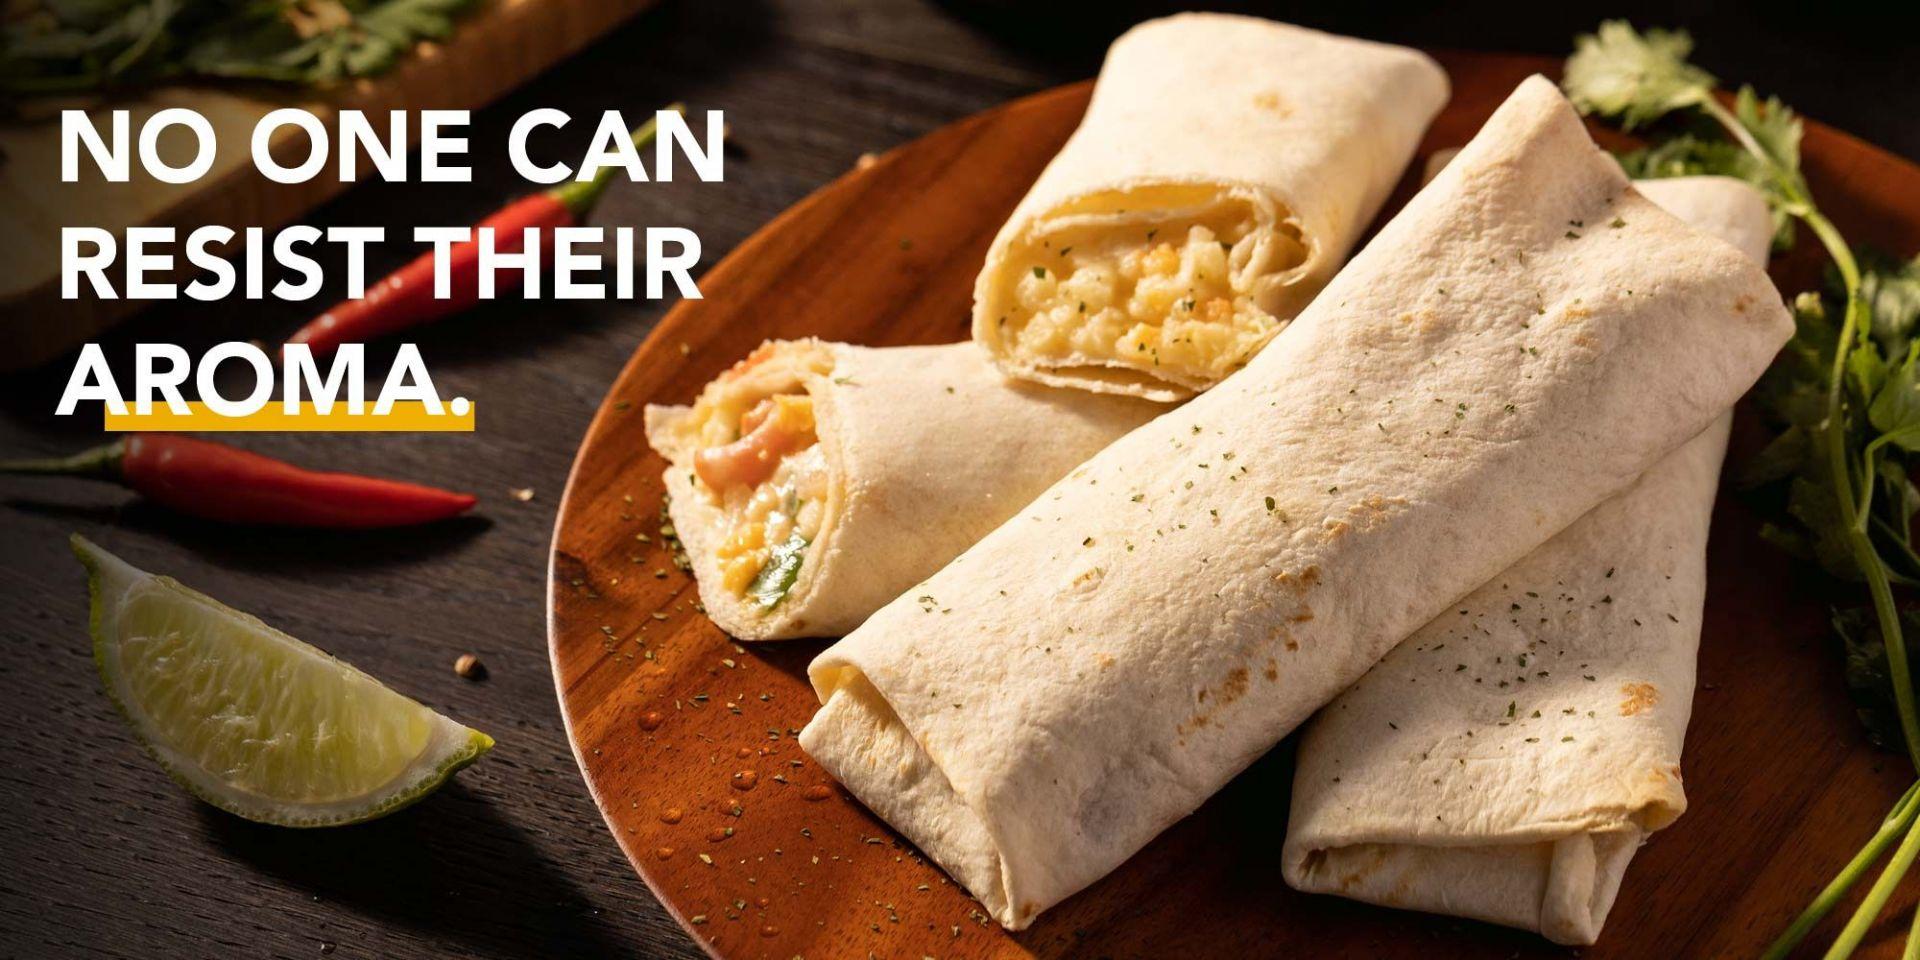 【Trend Industri Makanan】 Roti rata sangat digemari oleh pasaran pengambilan dan penghantaran makanan.